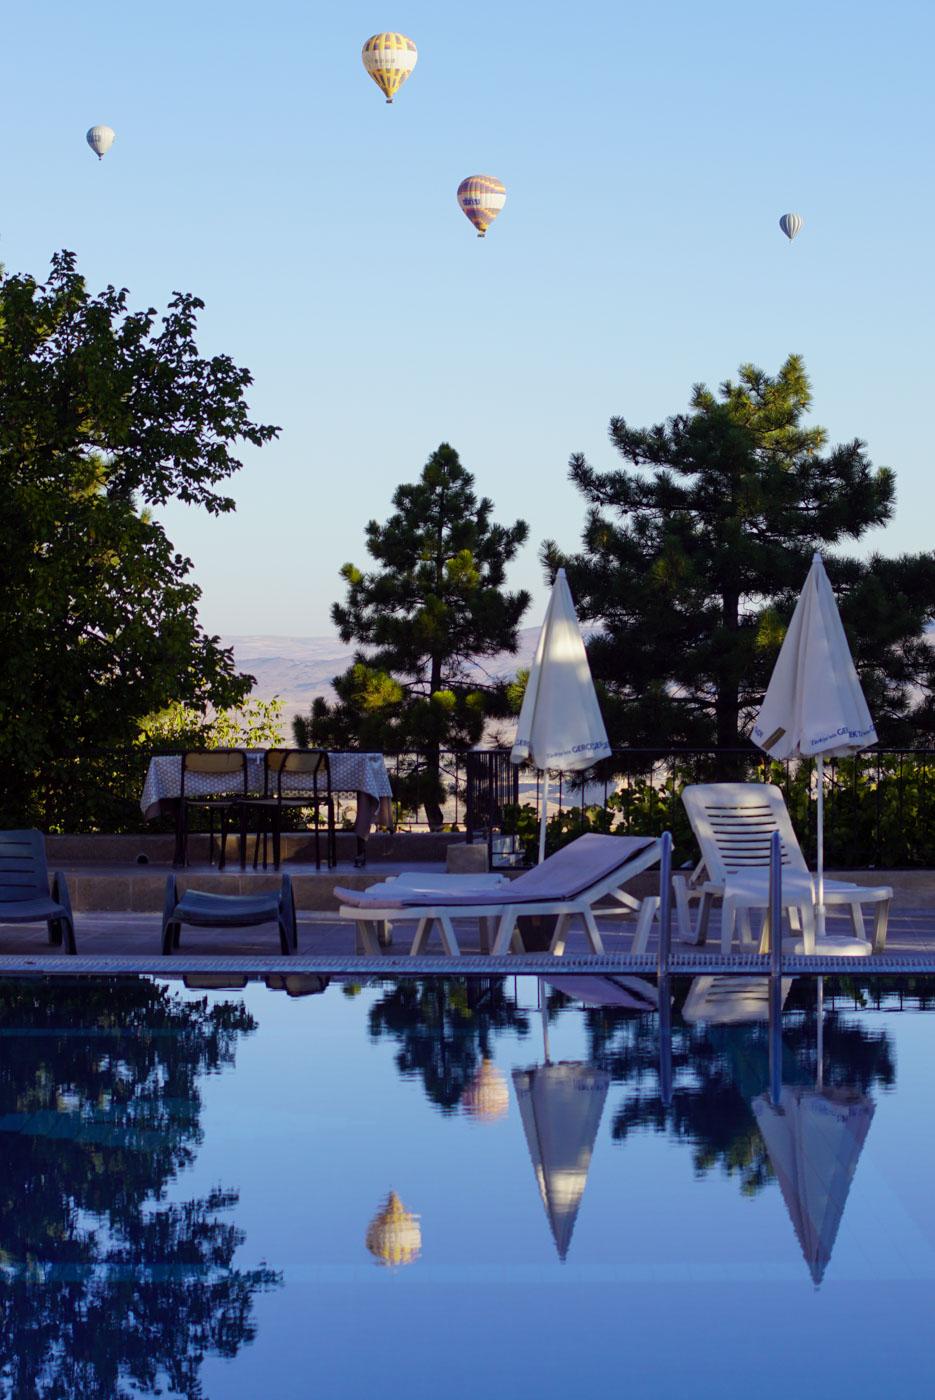 Blicke auf einen Swimmingpool in Göreme im Hintergrund sind drei Heißluftballons zu sehen die sich im Wasser des Pools wiederspiegeln.